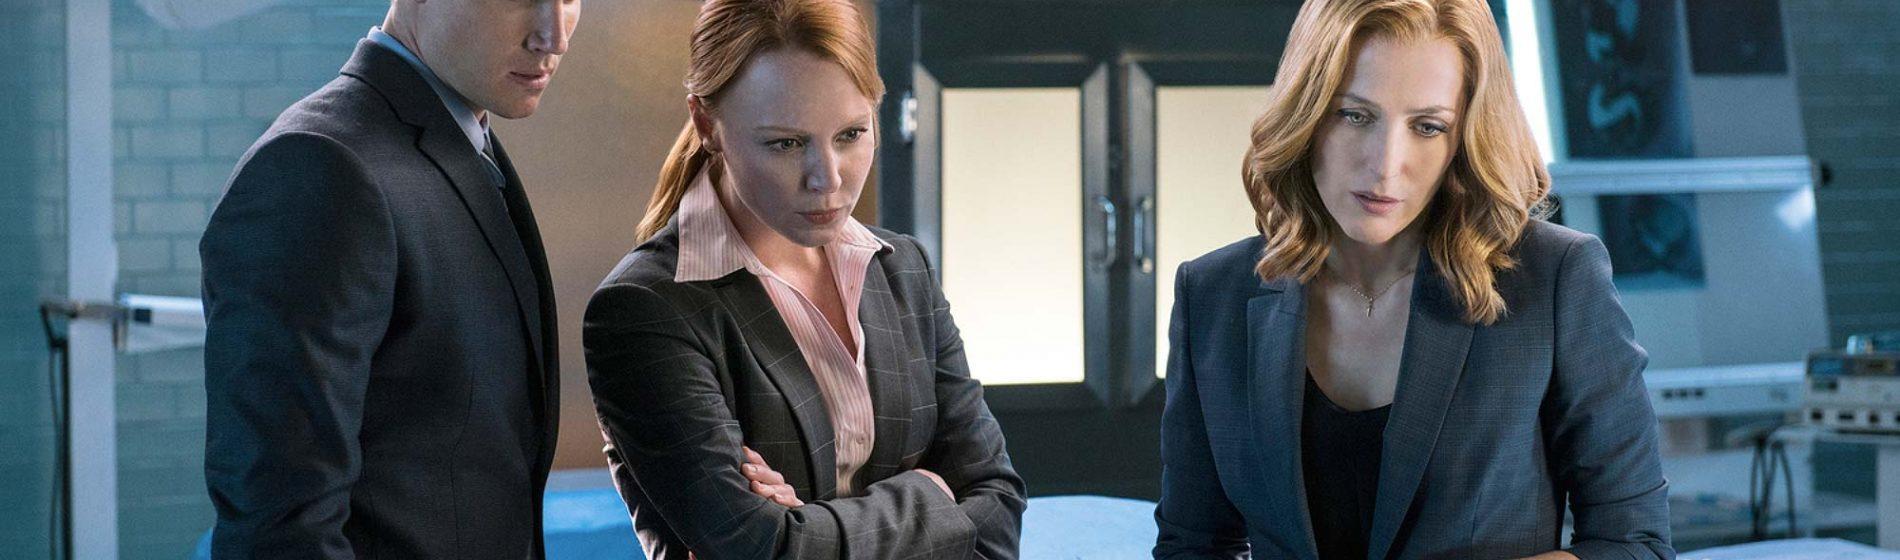 The X-Files - Miller Einstein Scully